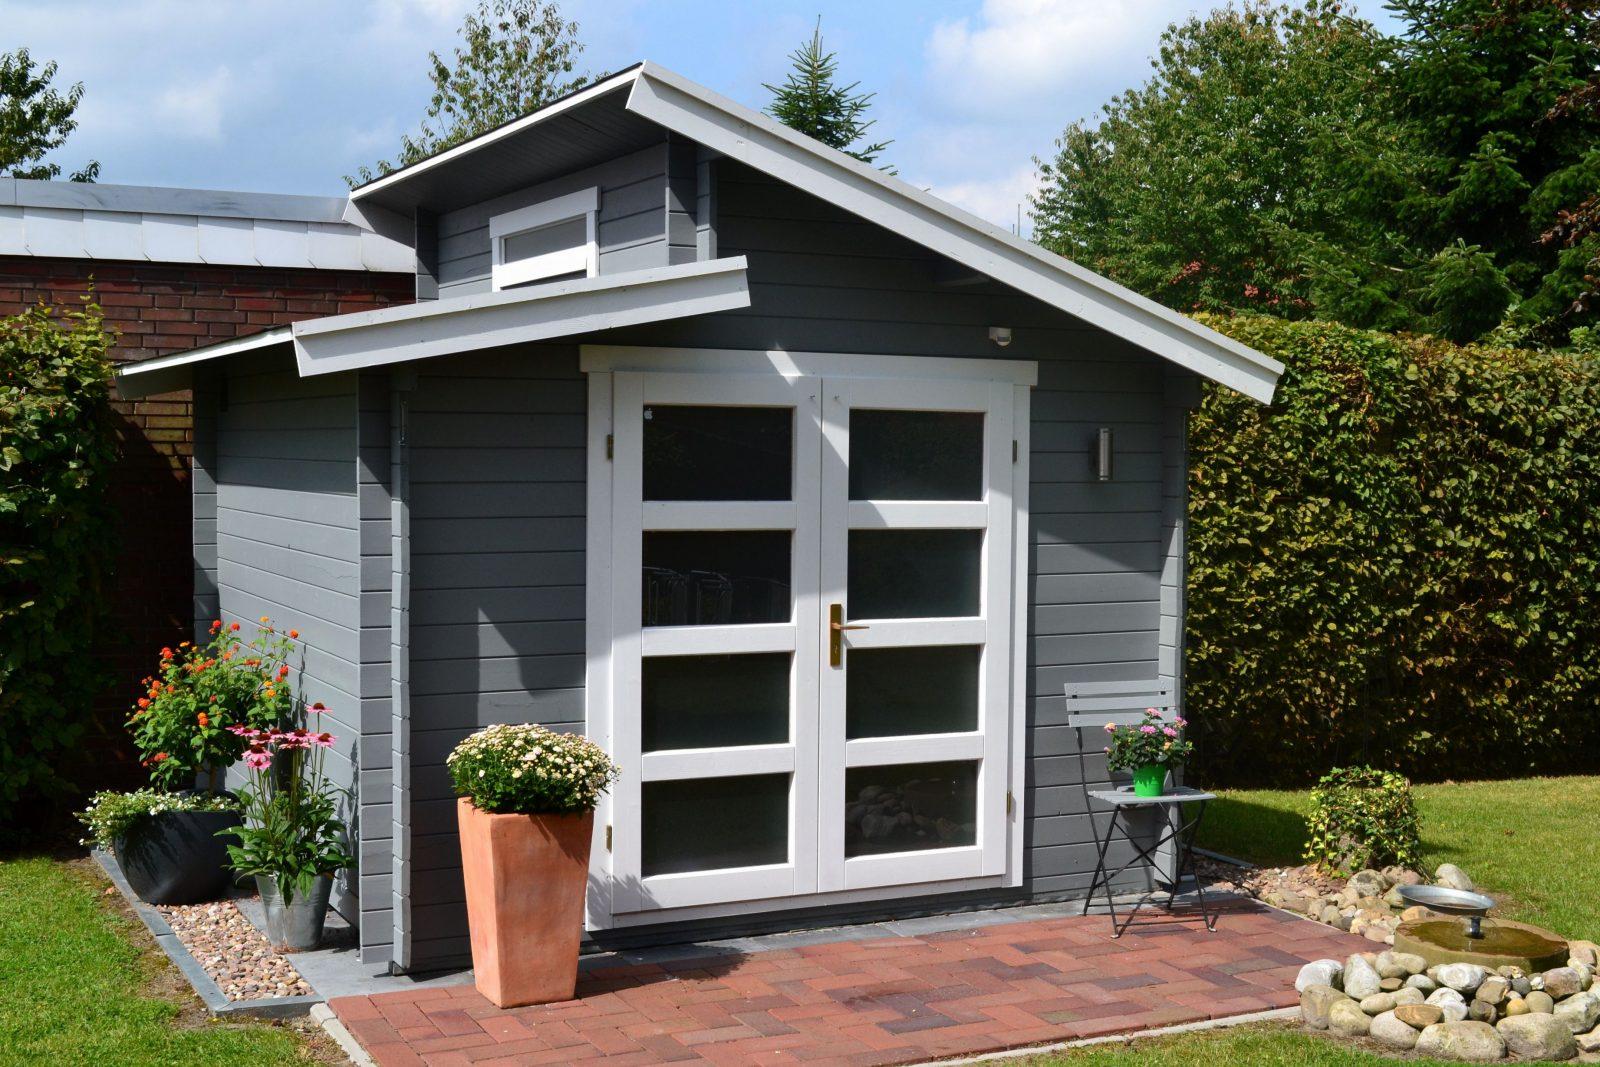 Pultdach Gartenhaus Selber Bauen Ideen Gartenhaus Fenster Selber Für von Gartenhaus Modern Selber Bauen Photo